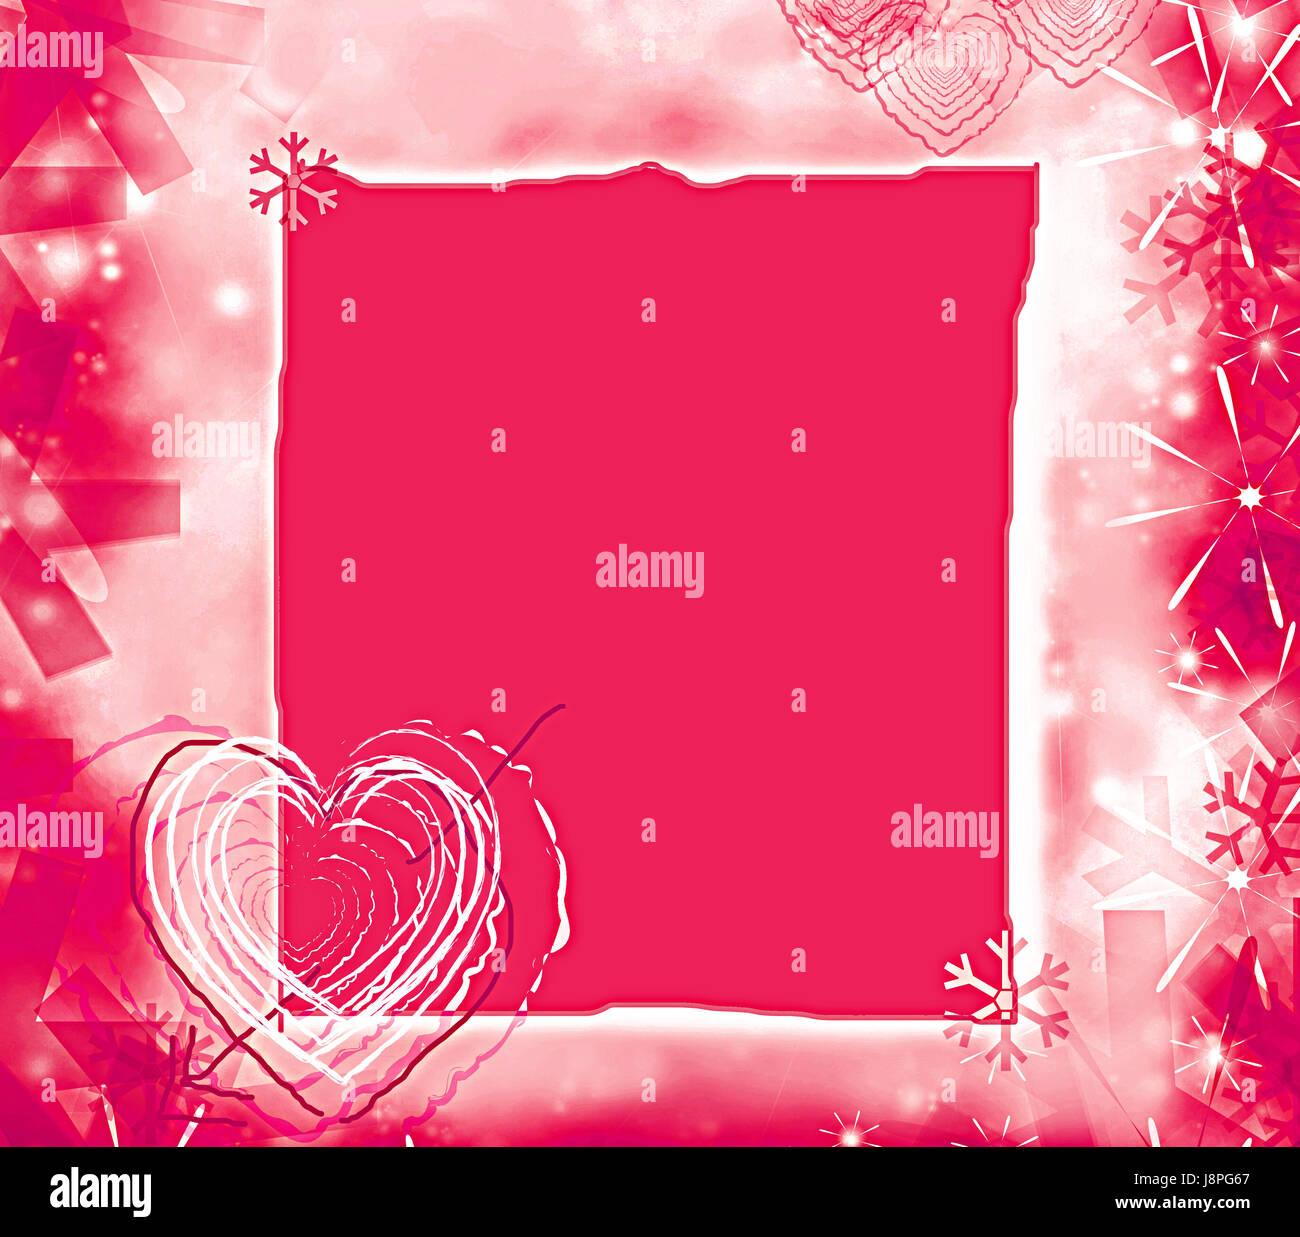 Farbe, Karte, Ankündigung, Rahmen, Liebe, verliebt, verliebte sich ...